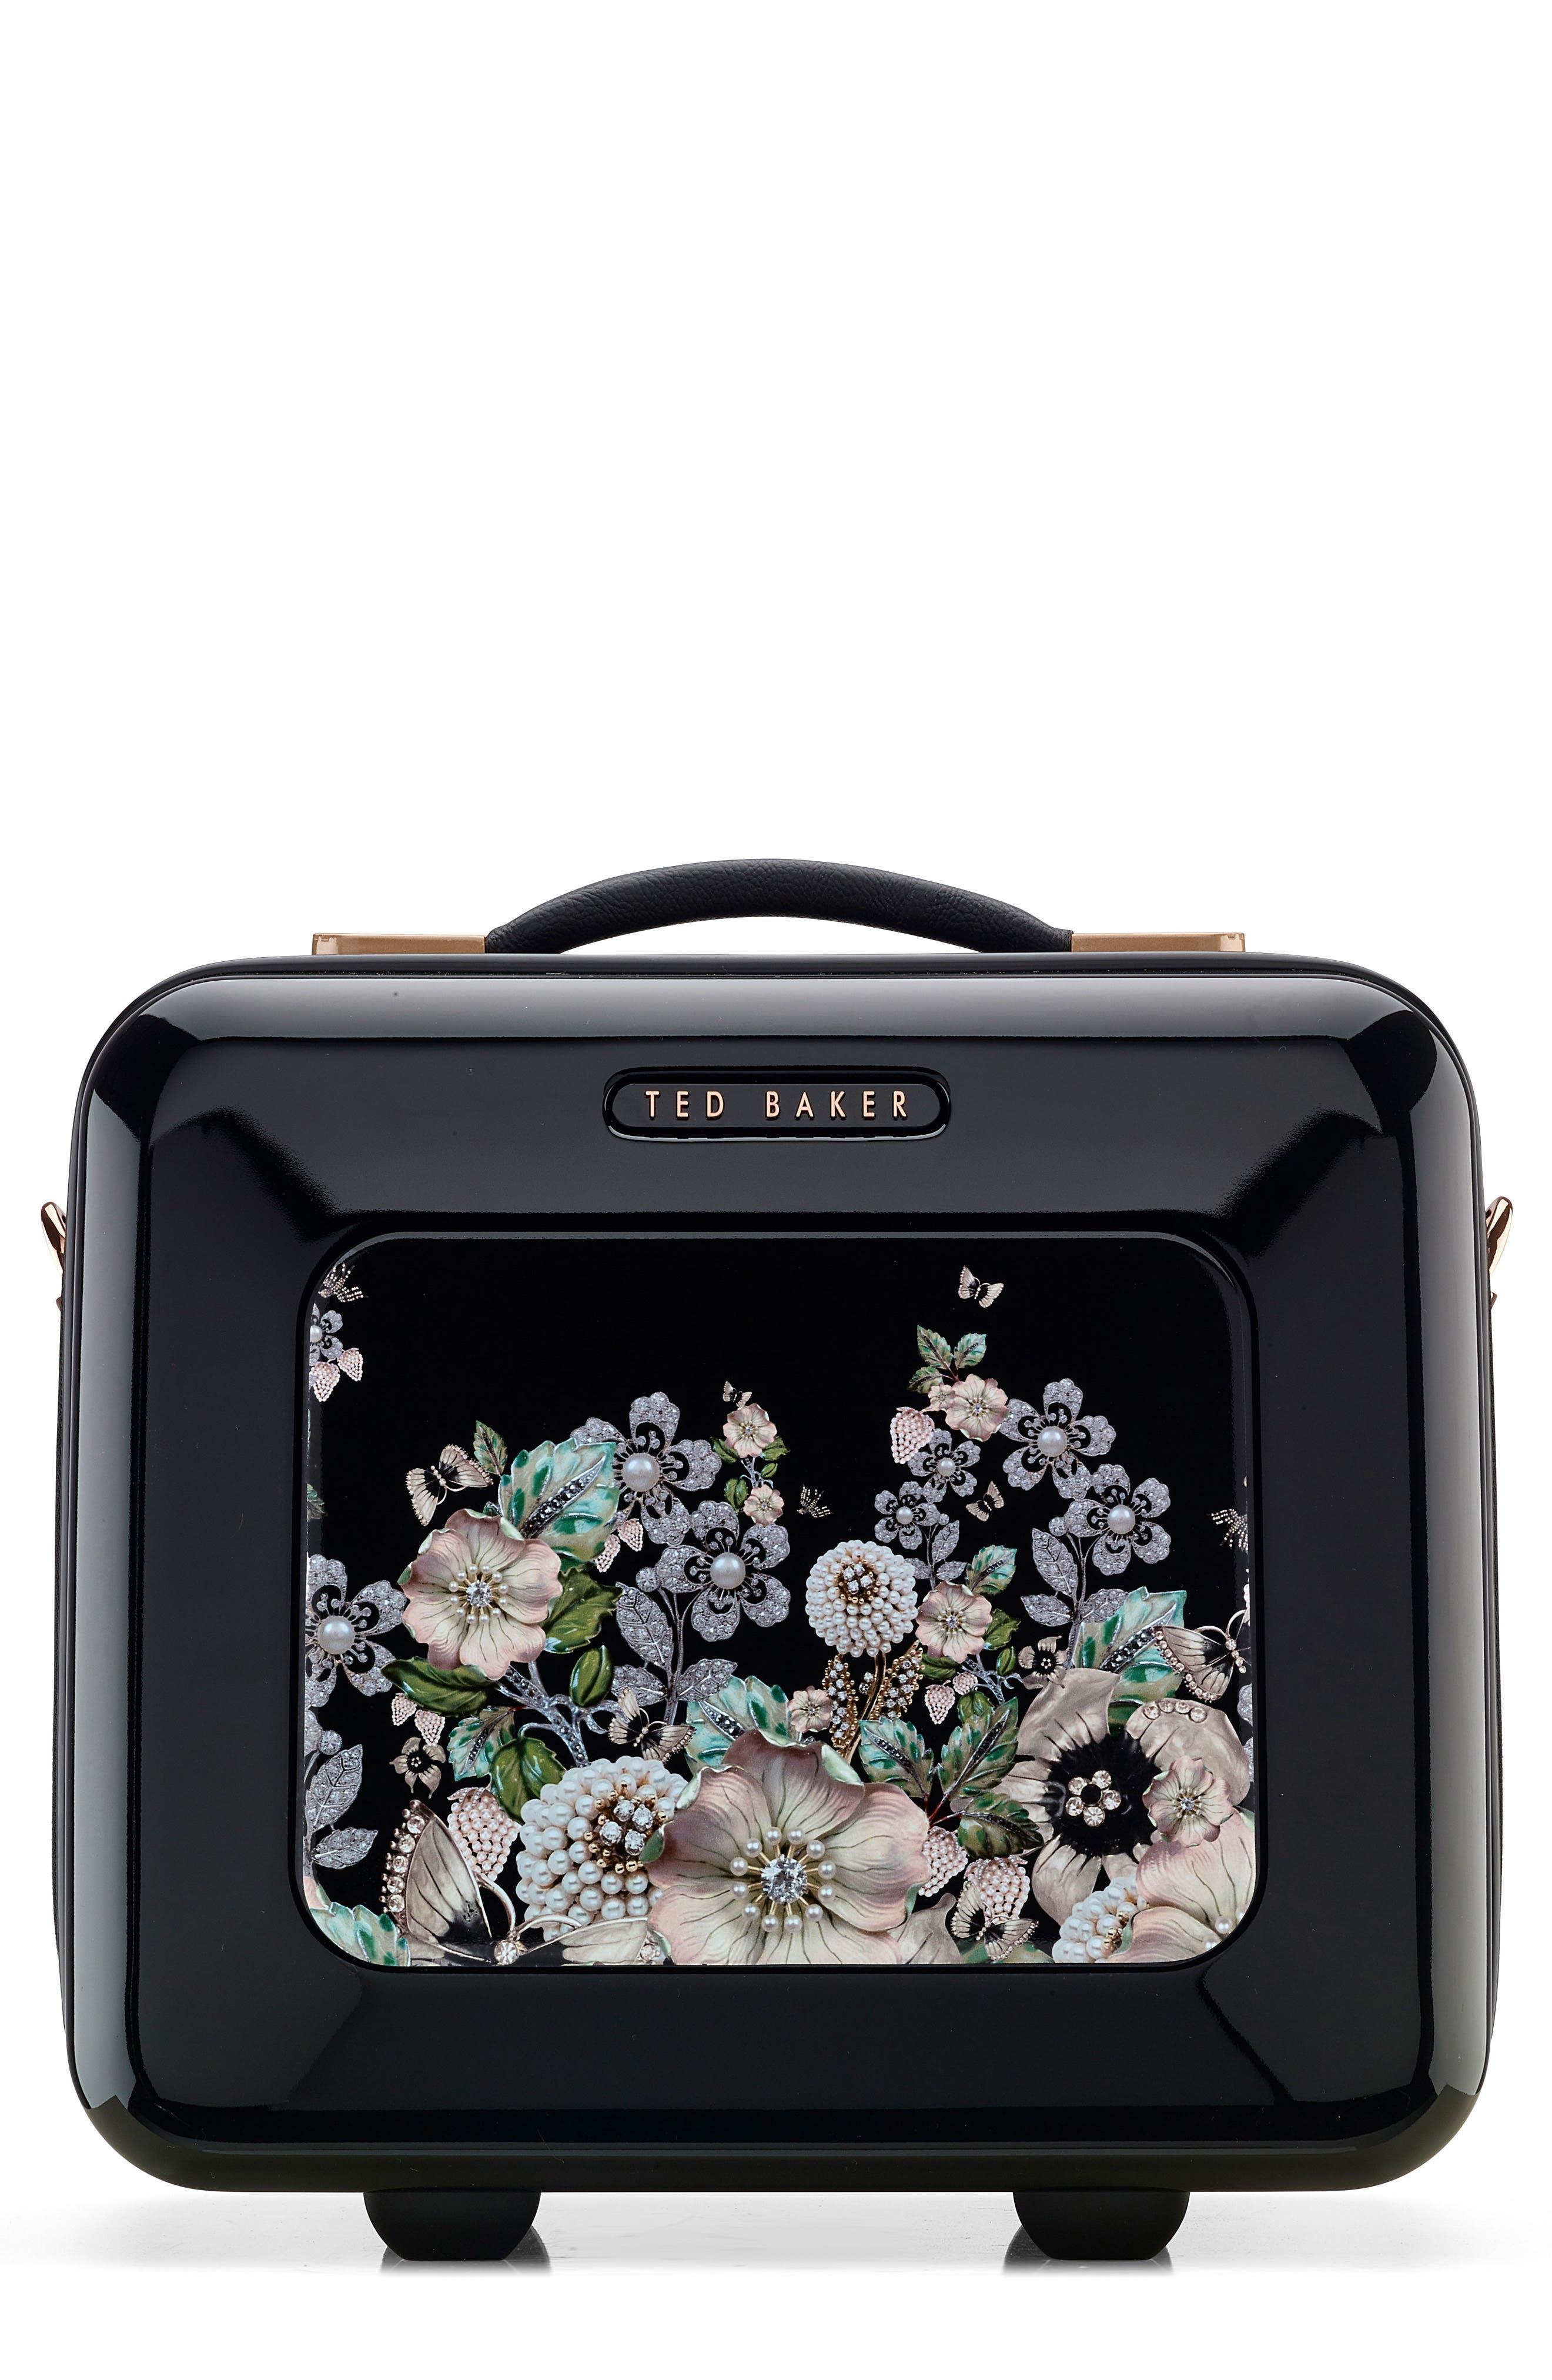 Ted Baker London Gem Garden Vanity Case